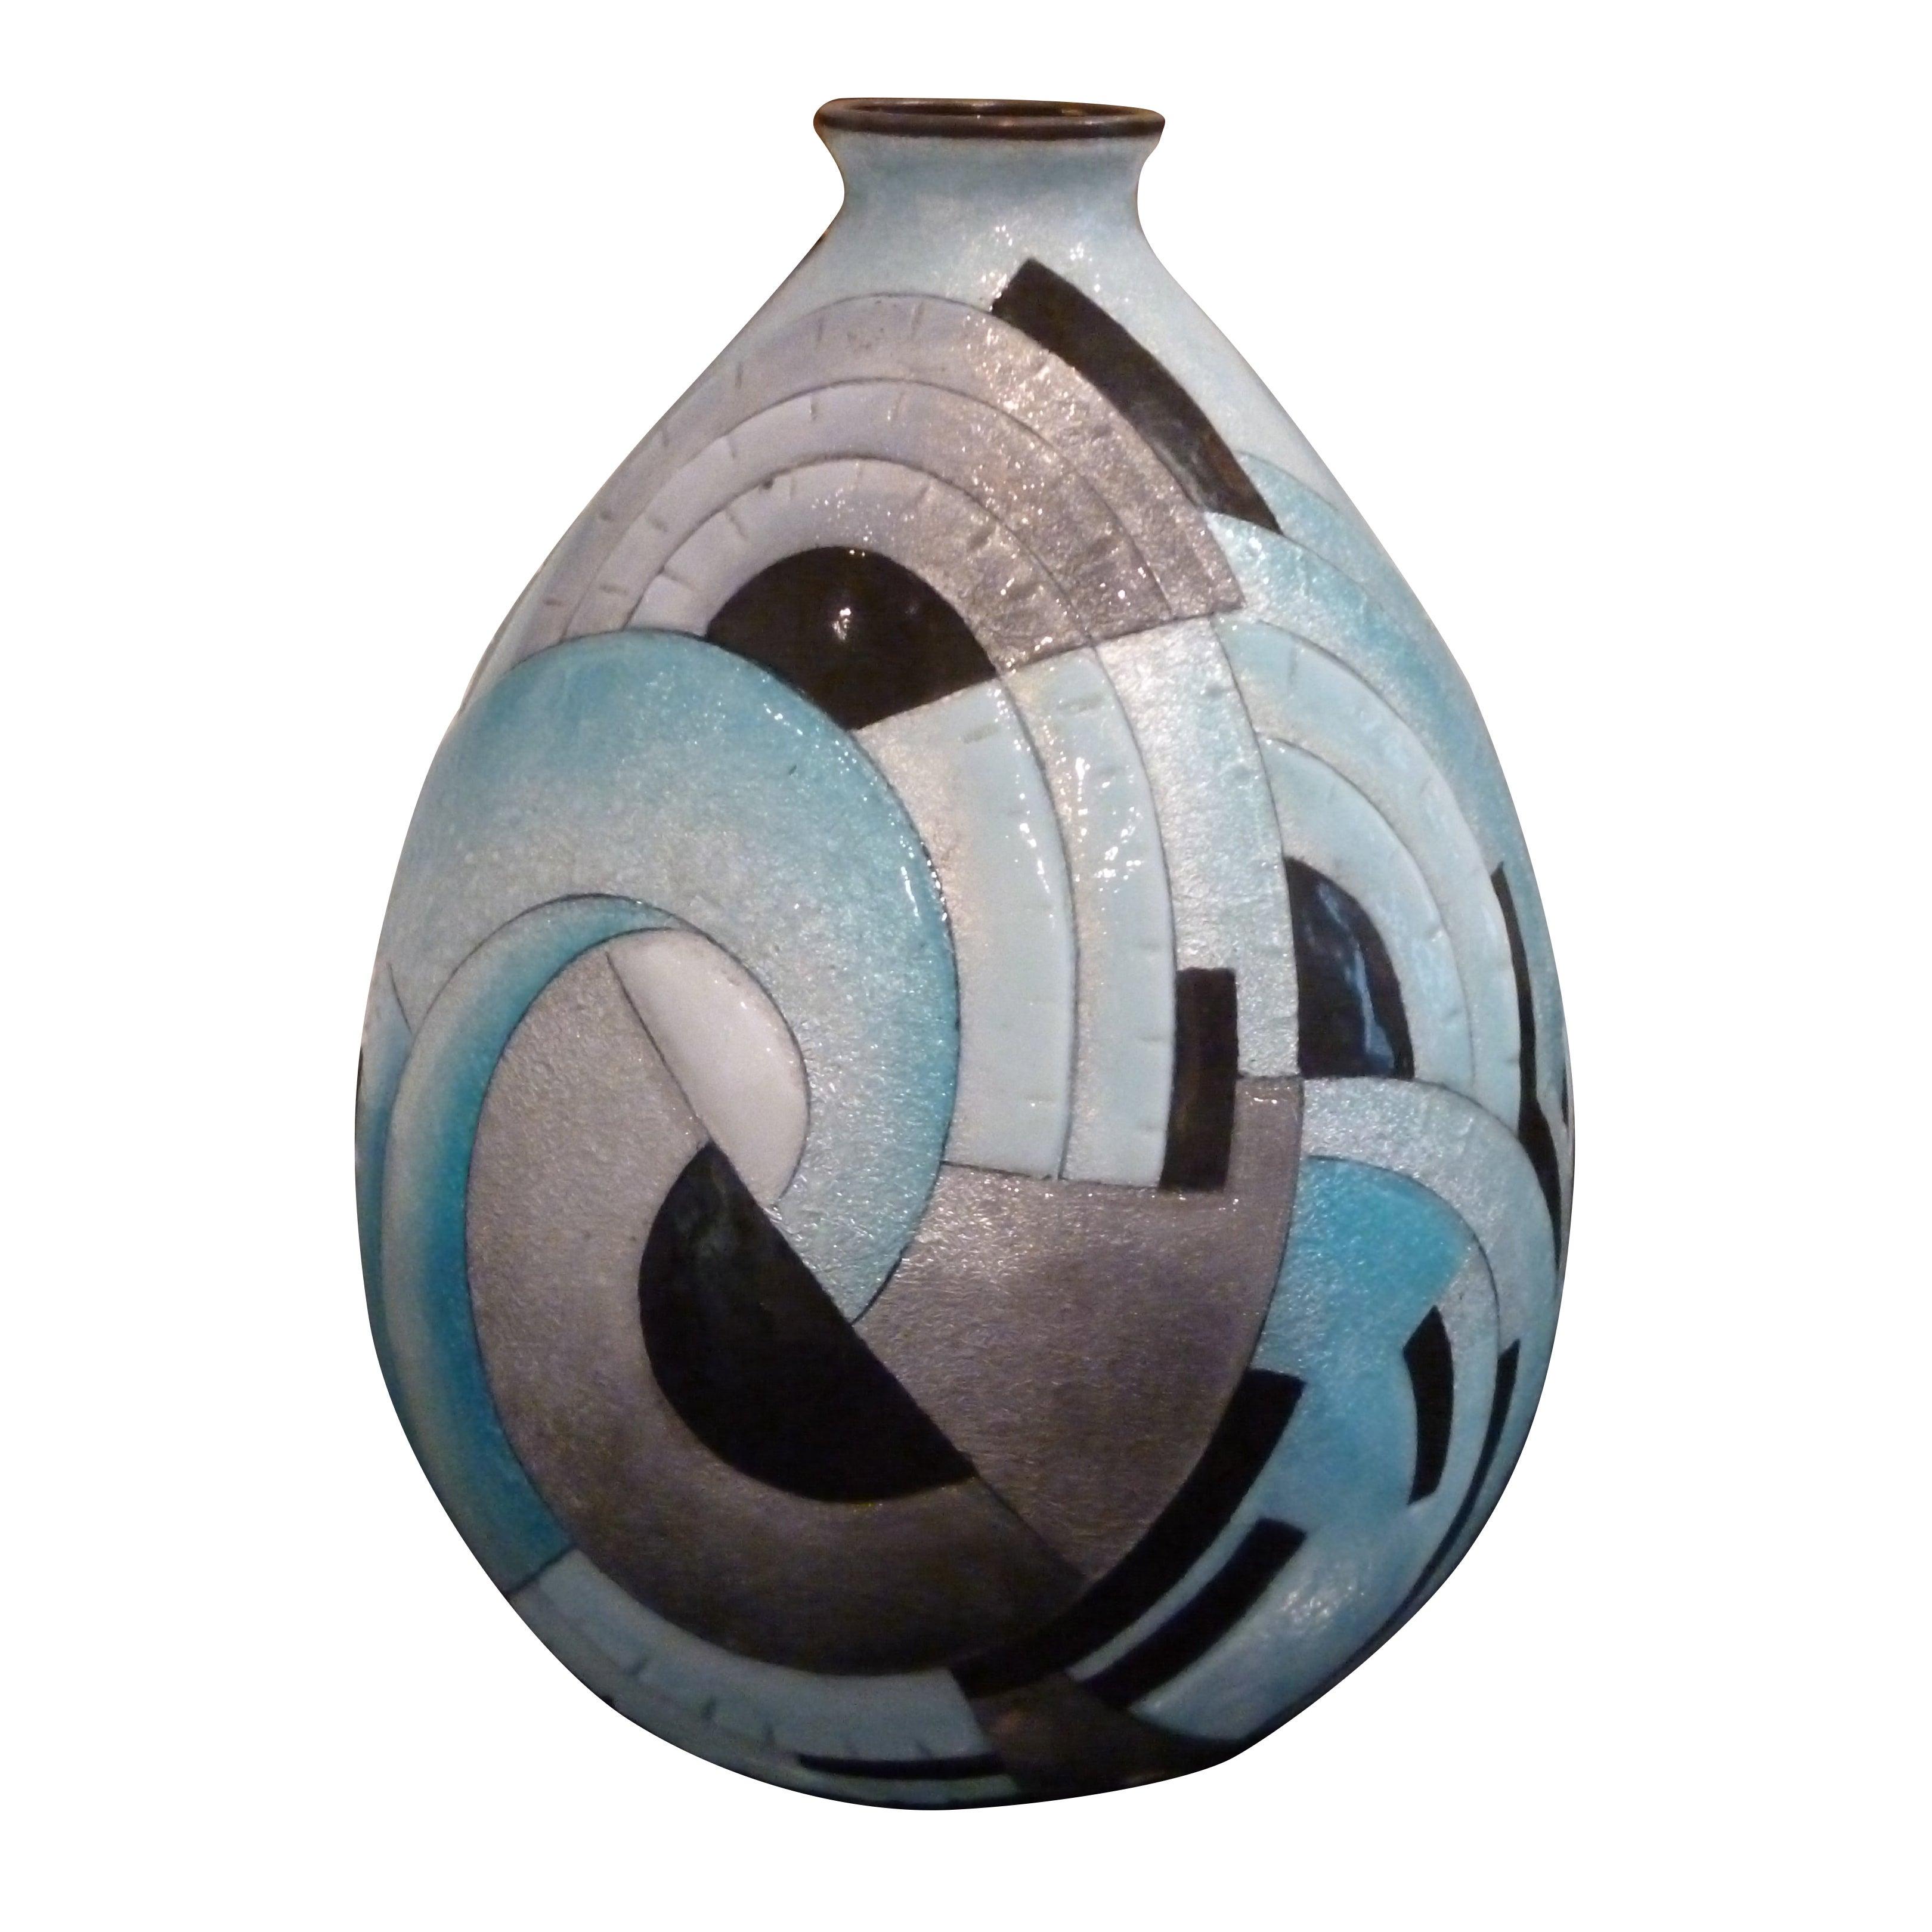 French, Art Deco, Enamel, Copper, Vase by Camille Fauré, European, Blue